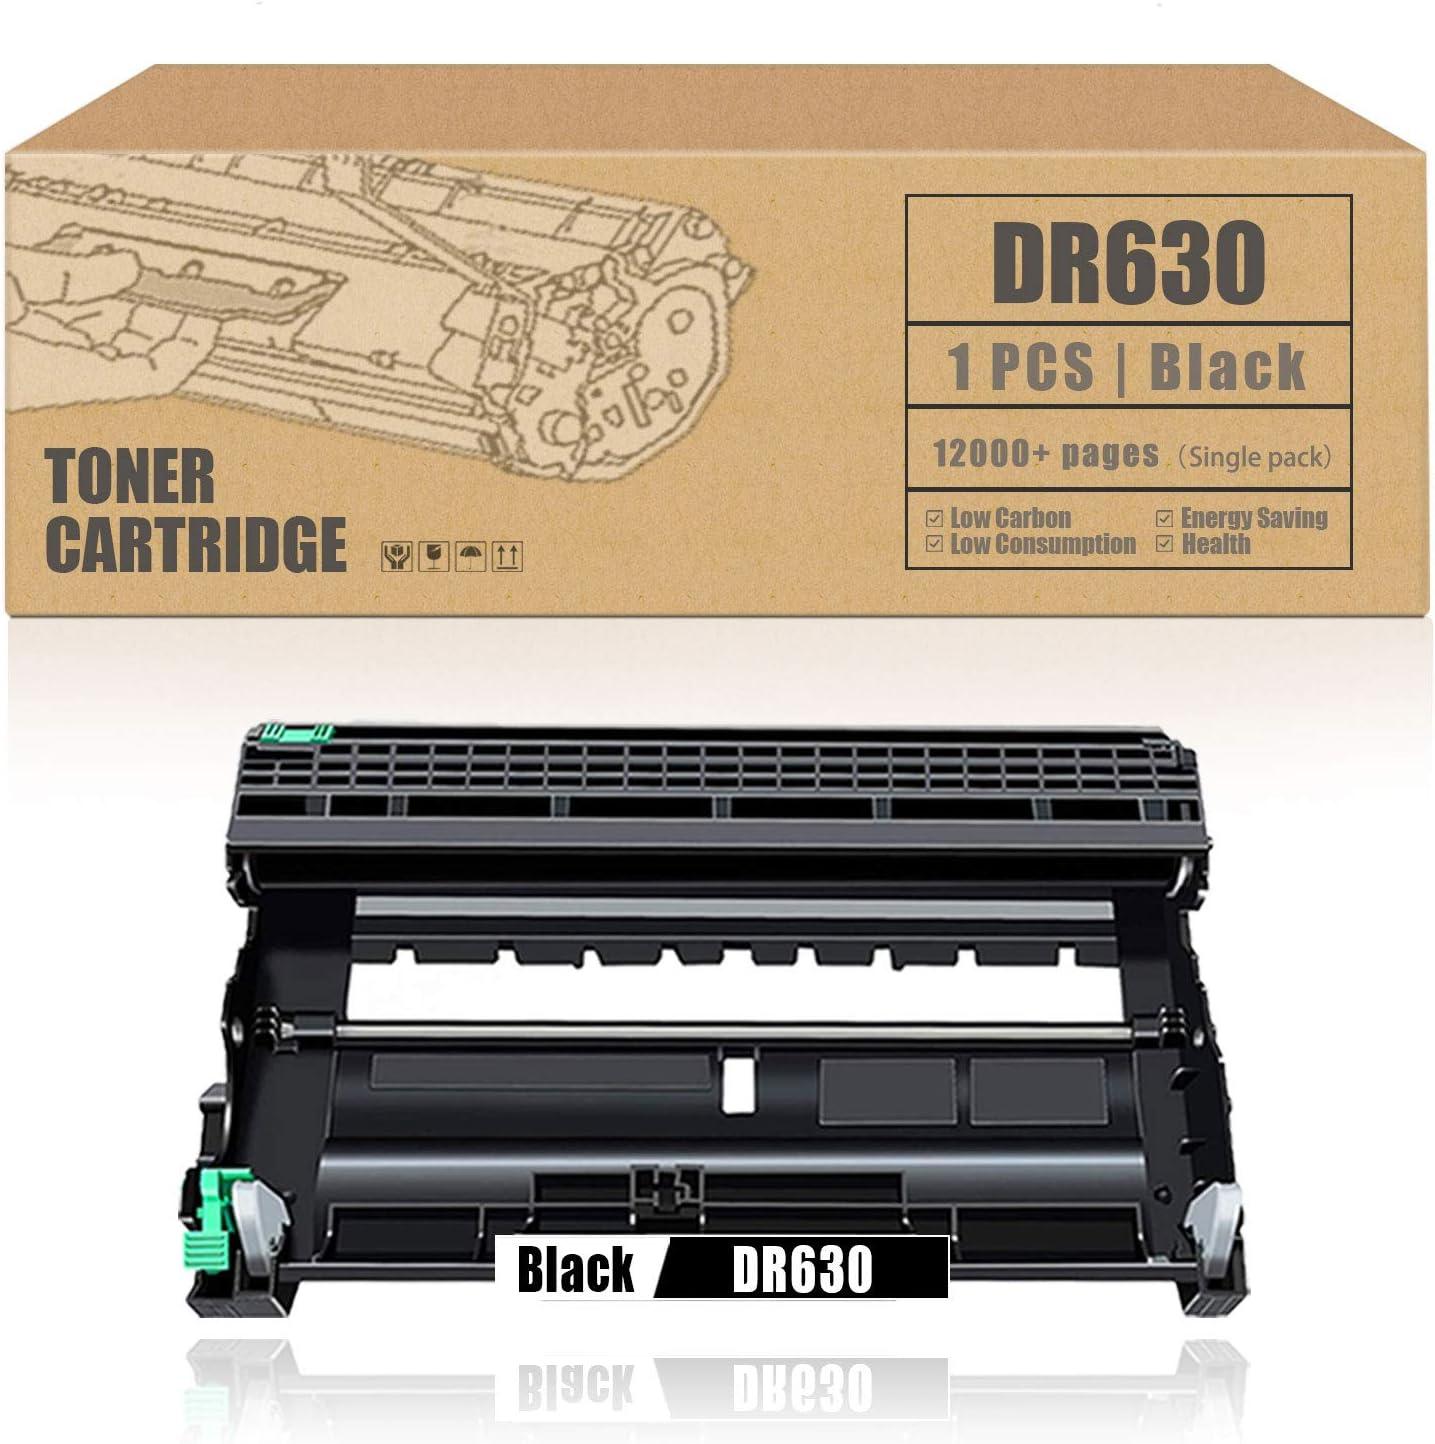 DR-630 DR630 Drum UnitCompatibleReplacementforBrother HL-L2300D HL-L2305W HL-L2320D HL-L2380DW MFC-L2680W MFC-L2685DW MFC-L2700DW DCP-L2520DW Printer [1Pack,Black]